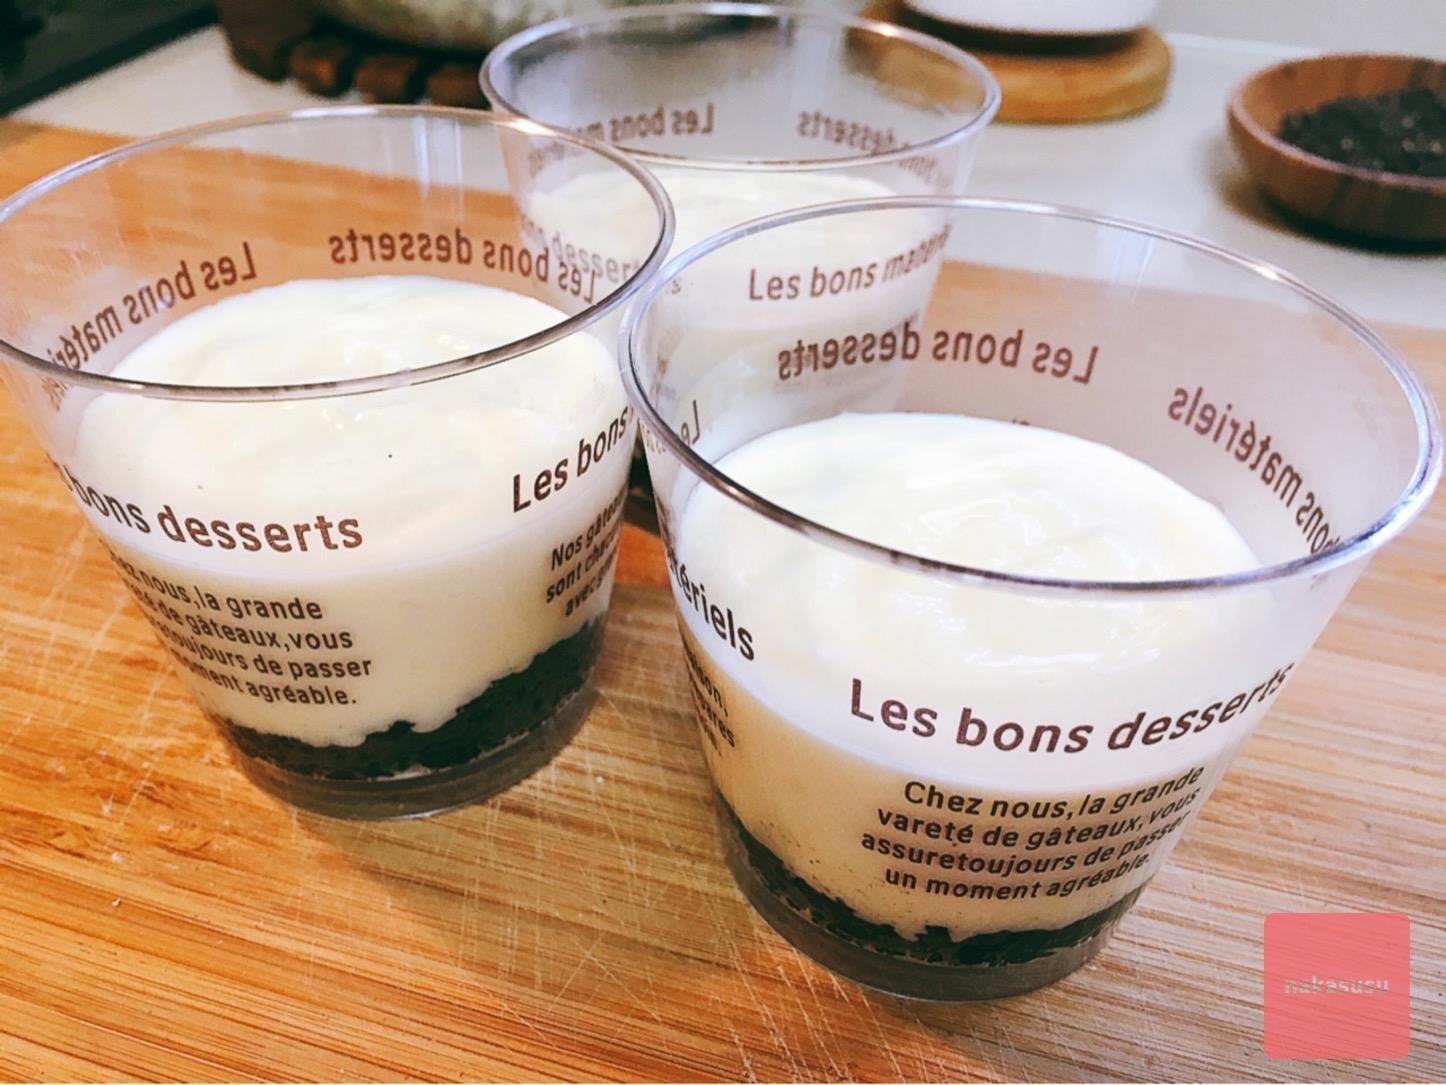 【バレンタイン企画】「さやcafe」プロデュースのバレンタインレシピ!